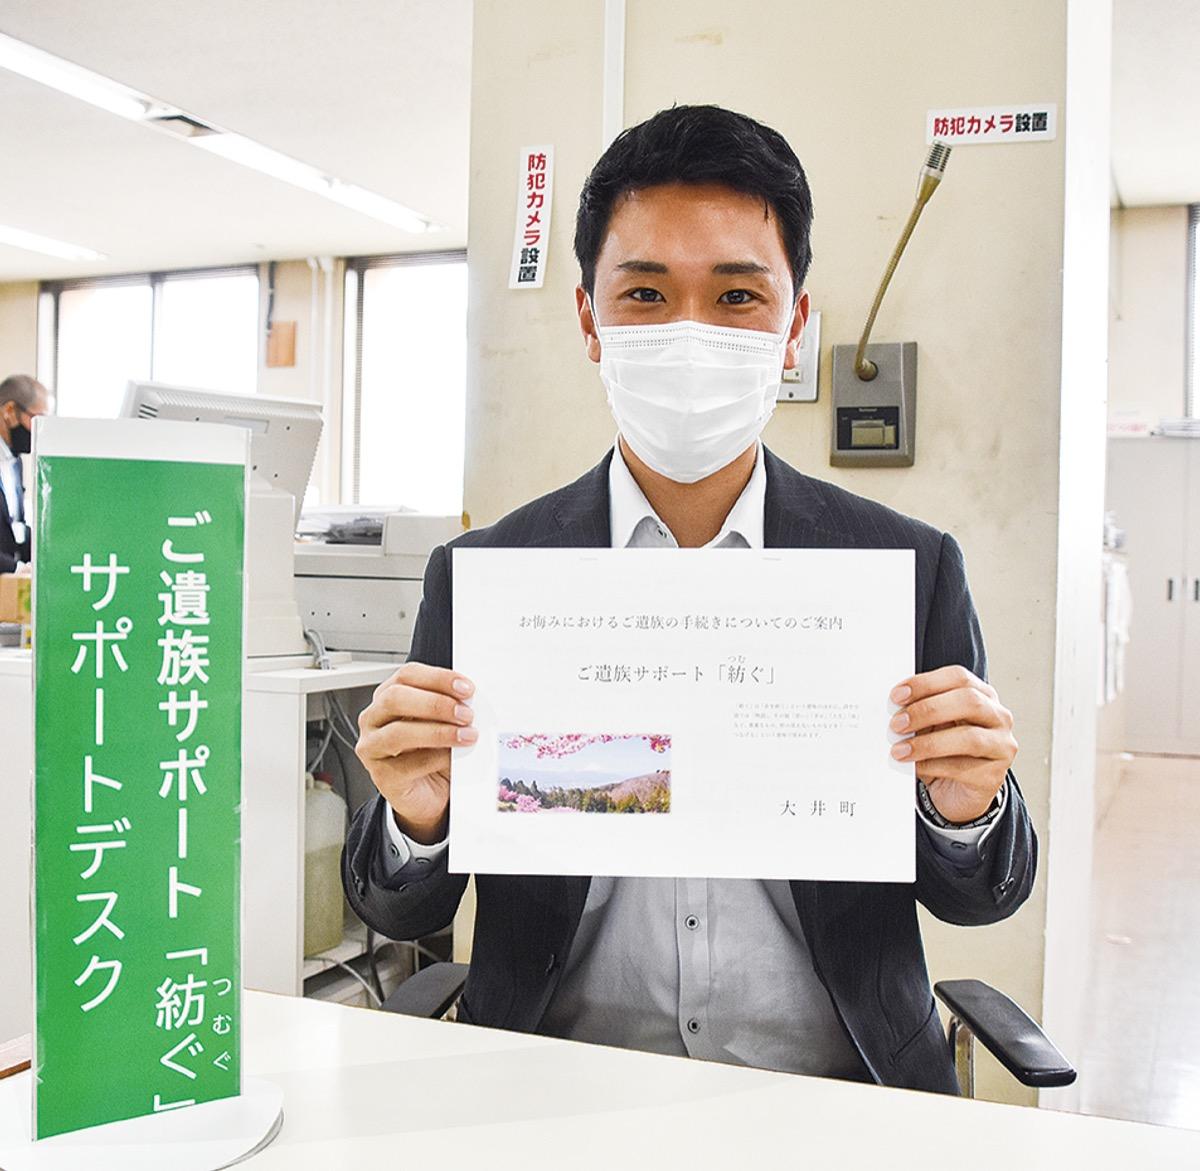 大井町 遺族支援で新サービス 死亡手続き1カ所で | 足柄 | タウンニュース